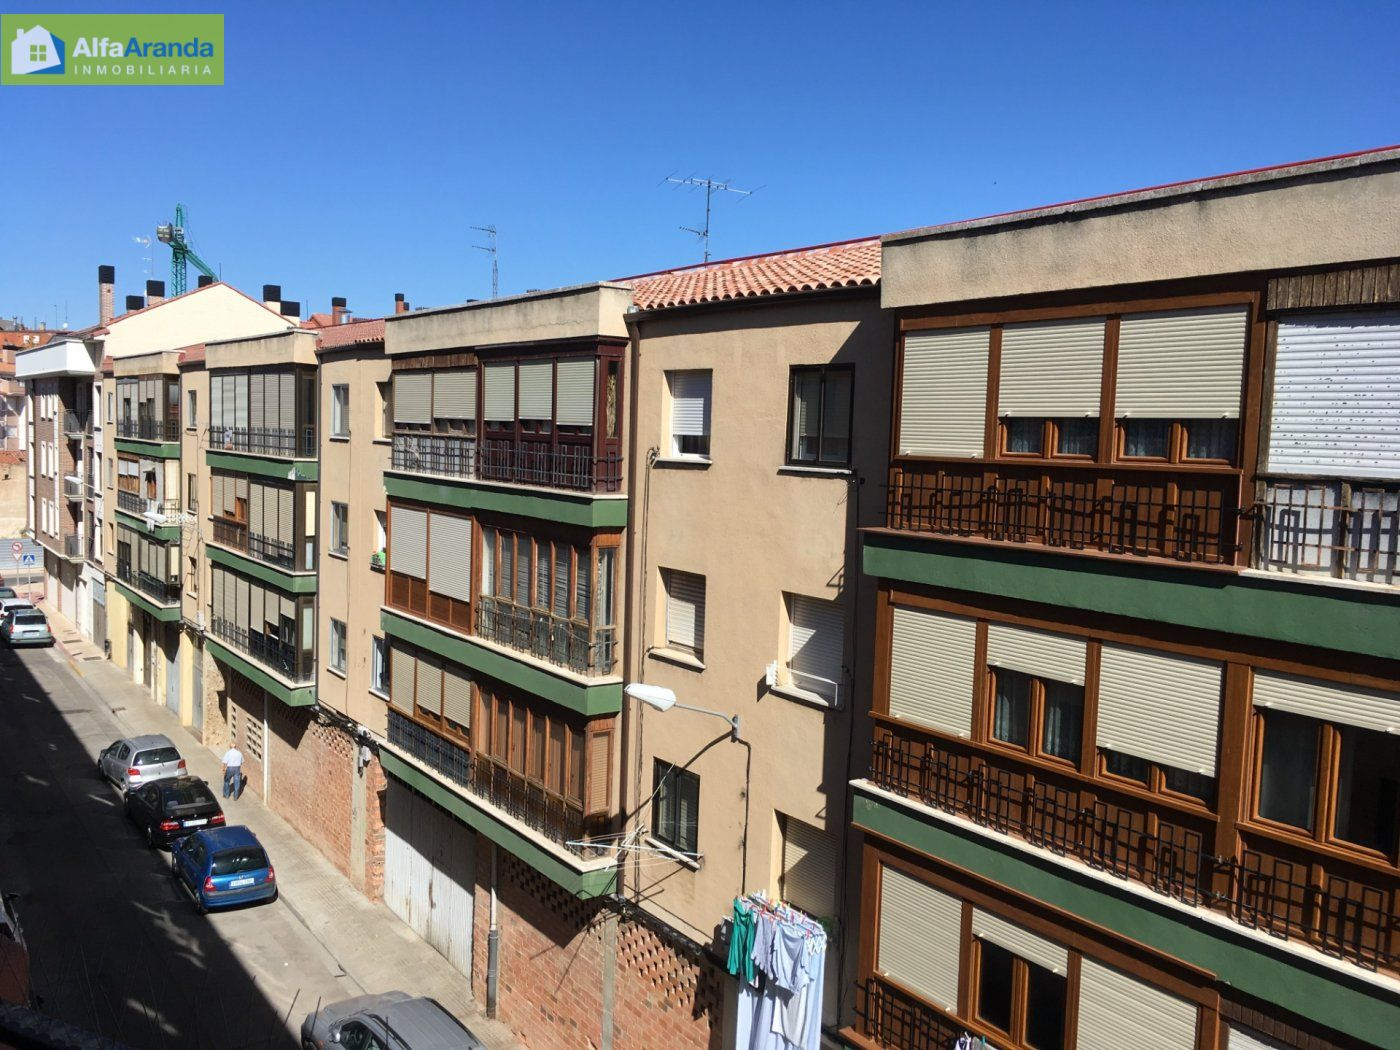 Piso en venta en Barrio Santa Catalina, Aranda de Duero